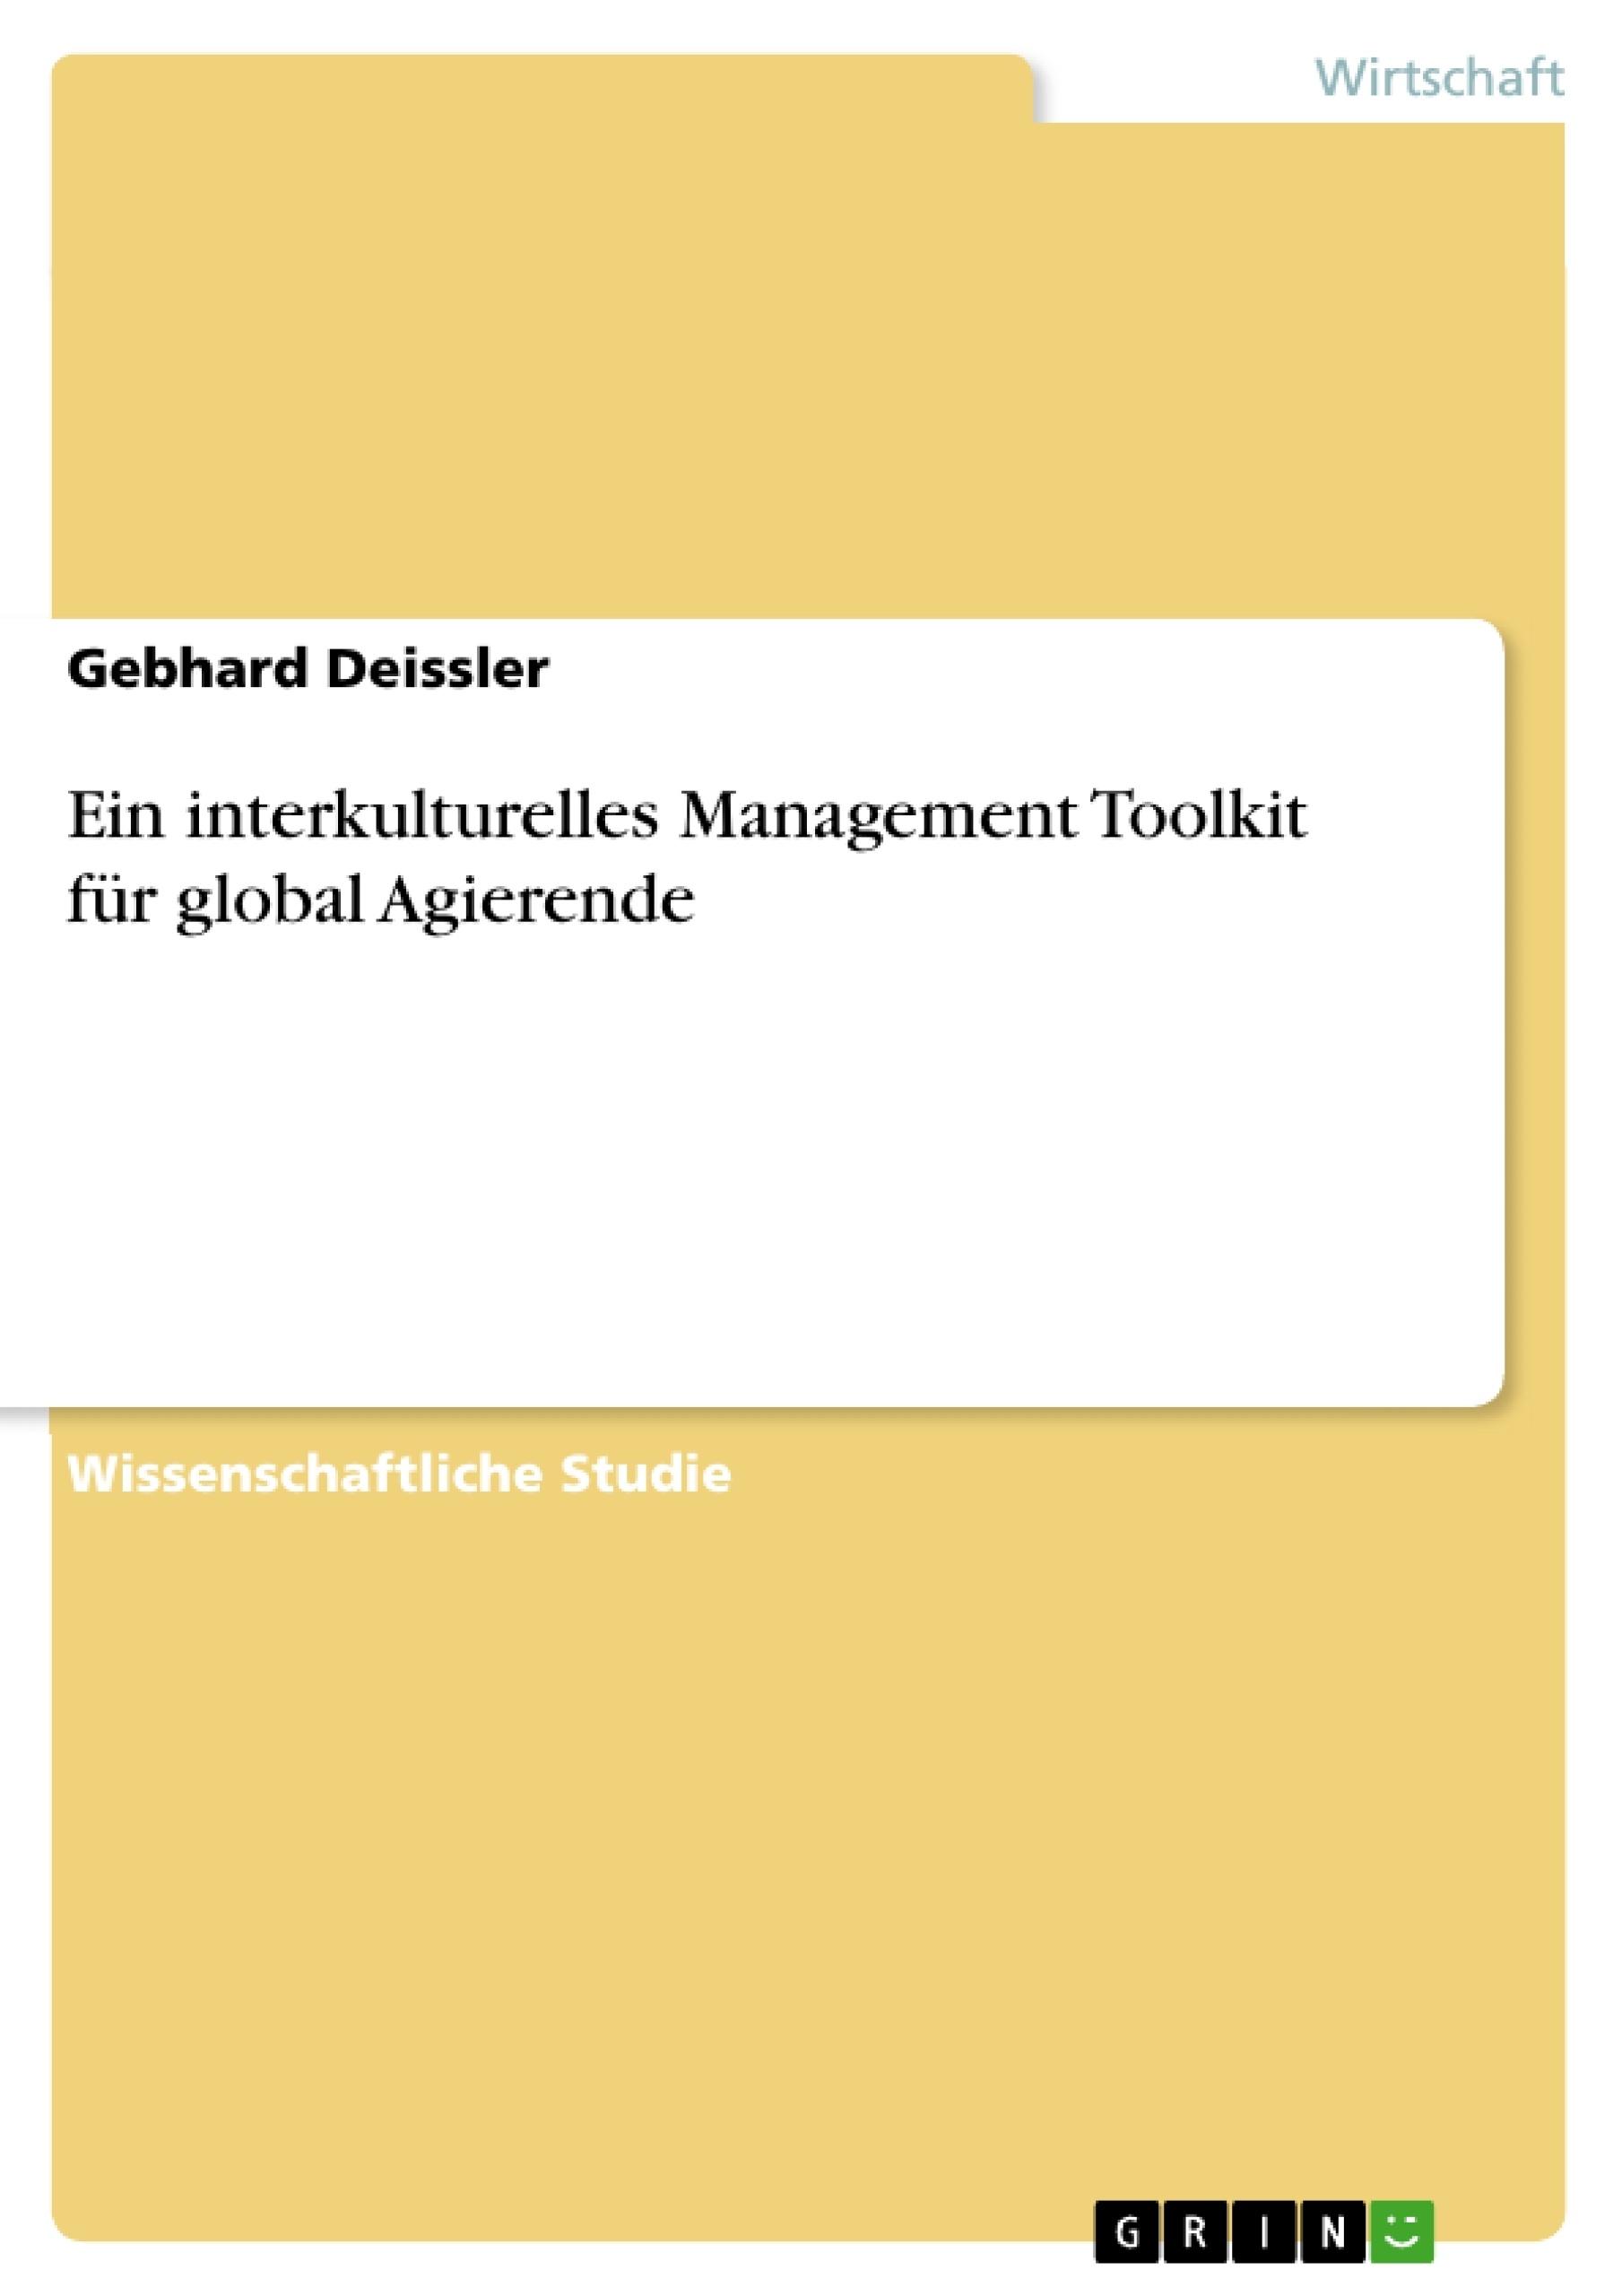 Titel: Ein interkulturelles Management Toolkit für global Agierende